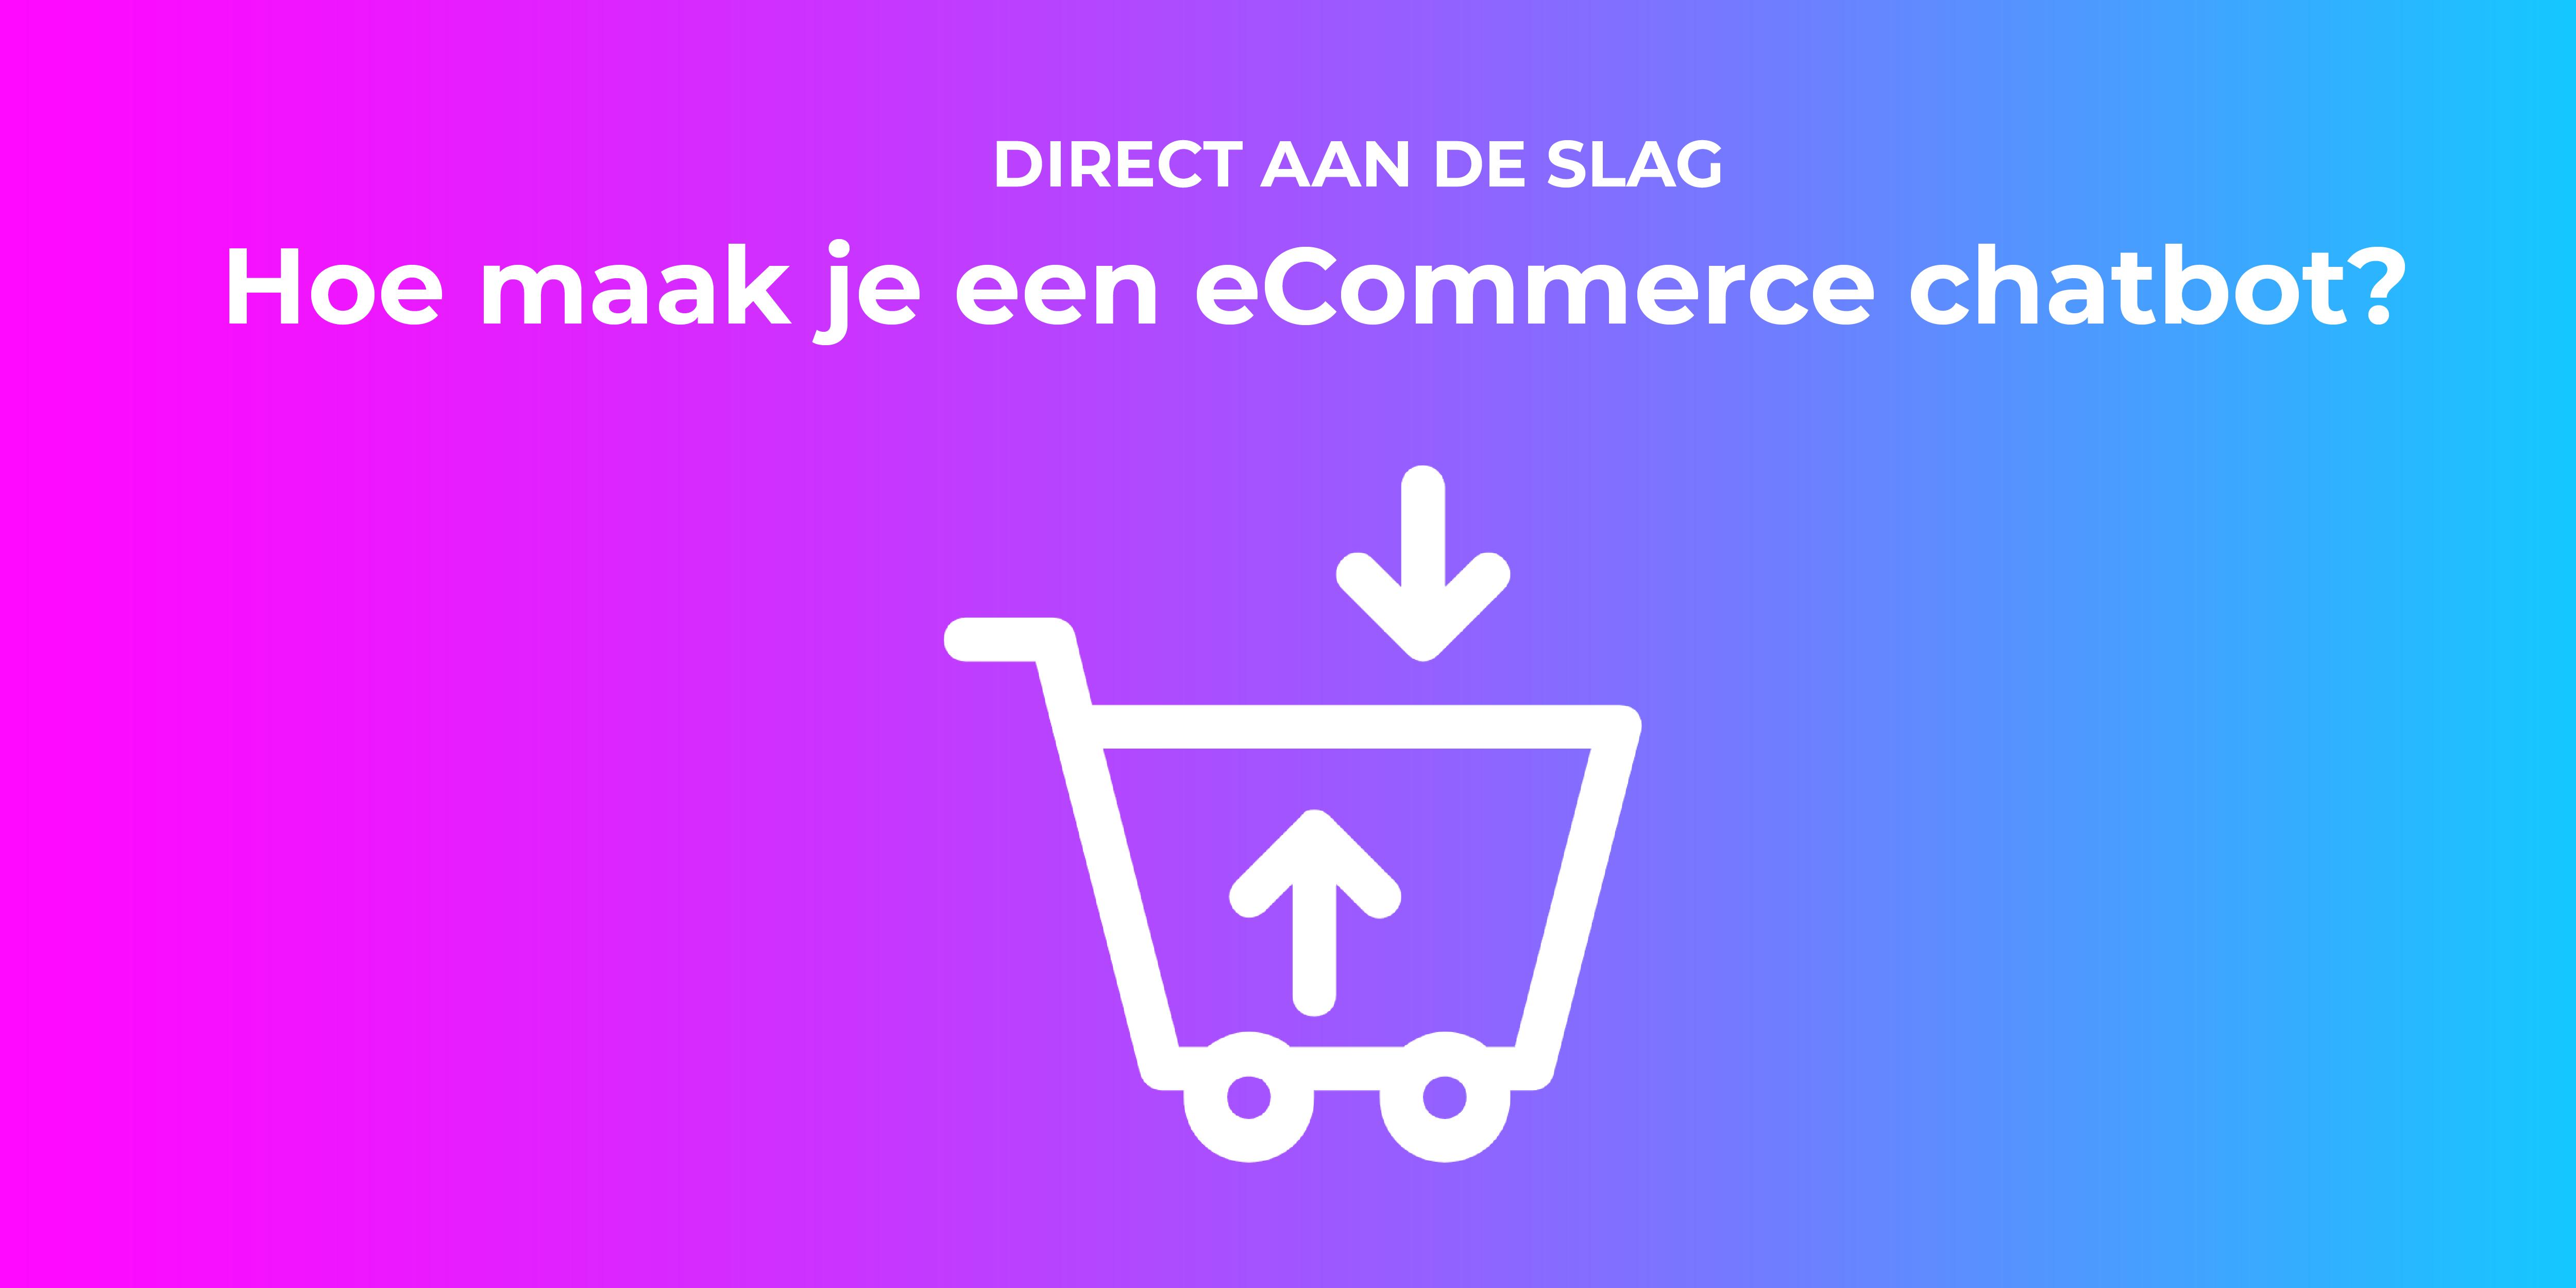 Hoe maak je een eCommerce chatbot in 2020? Direct aan de slag!